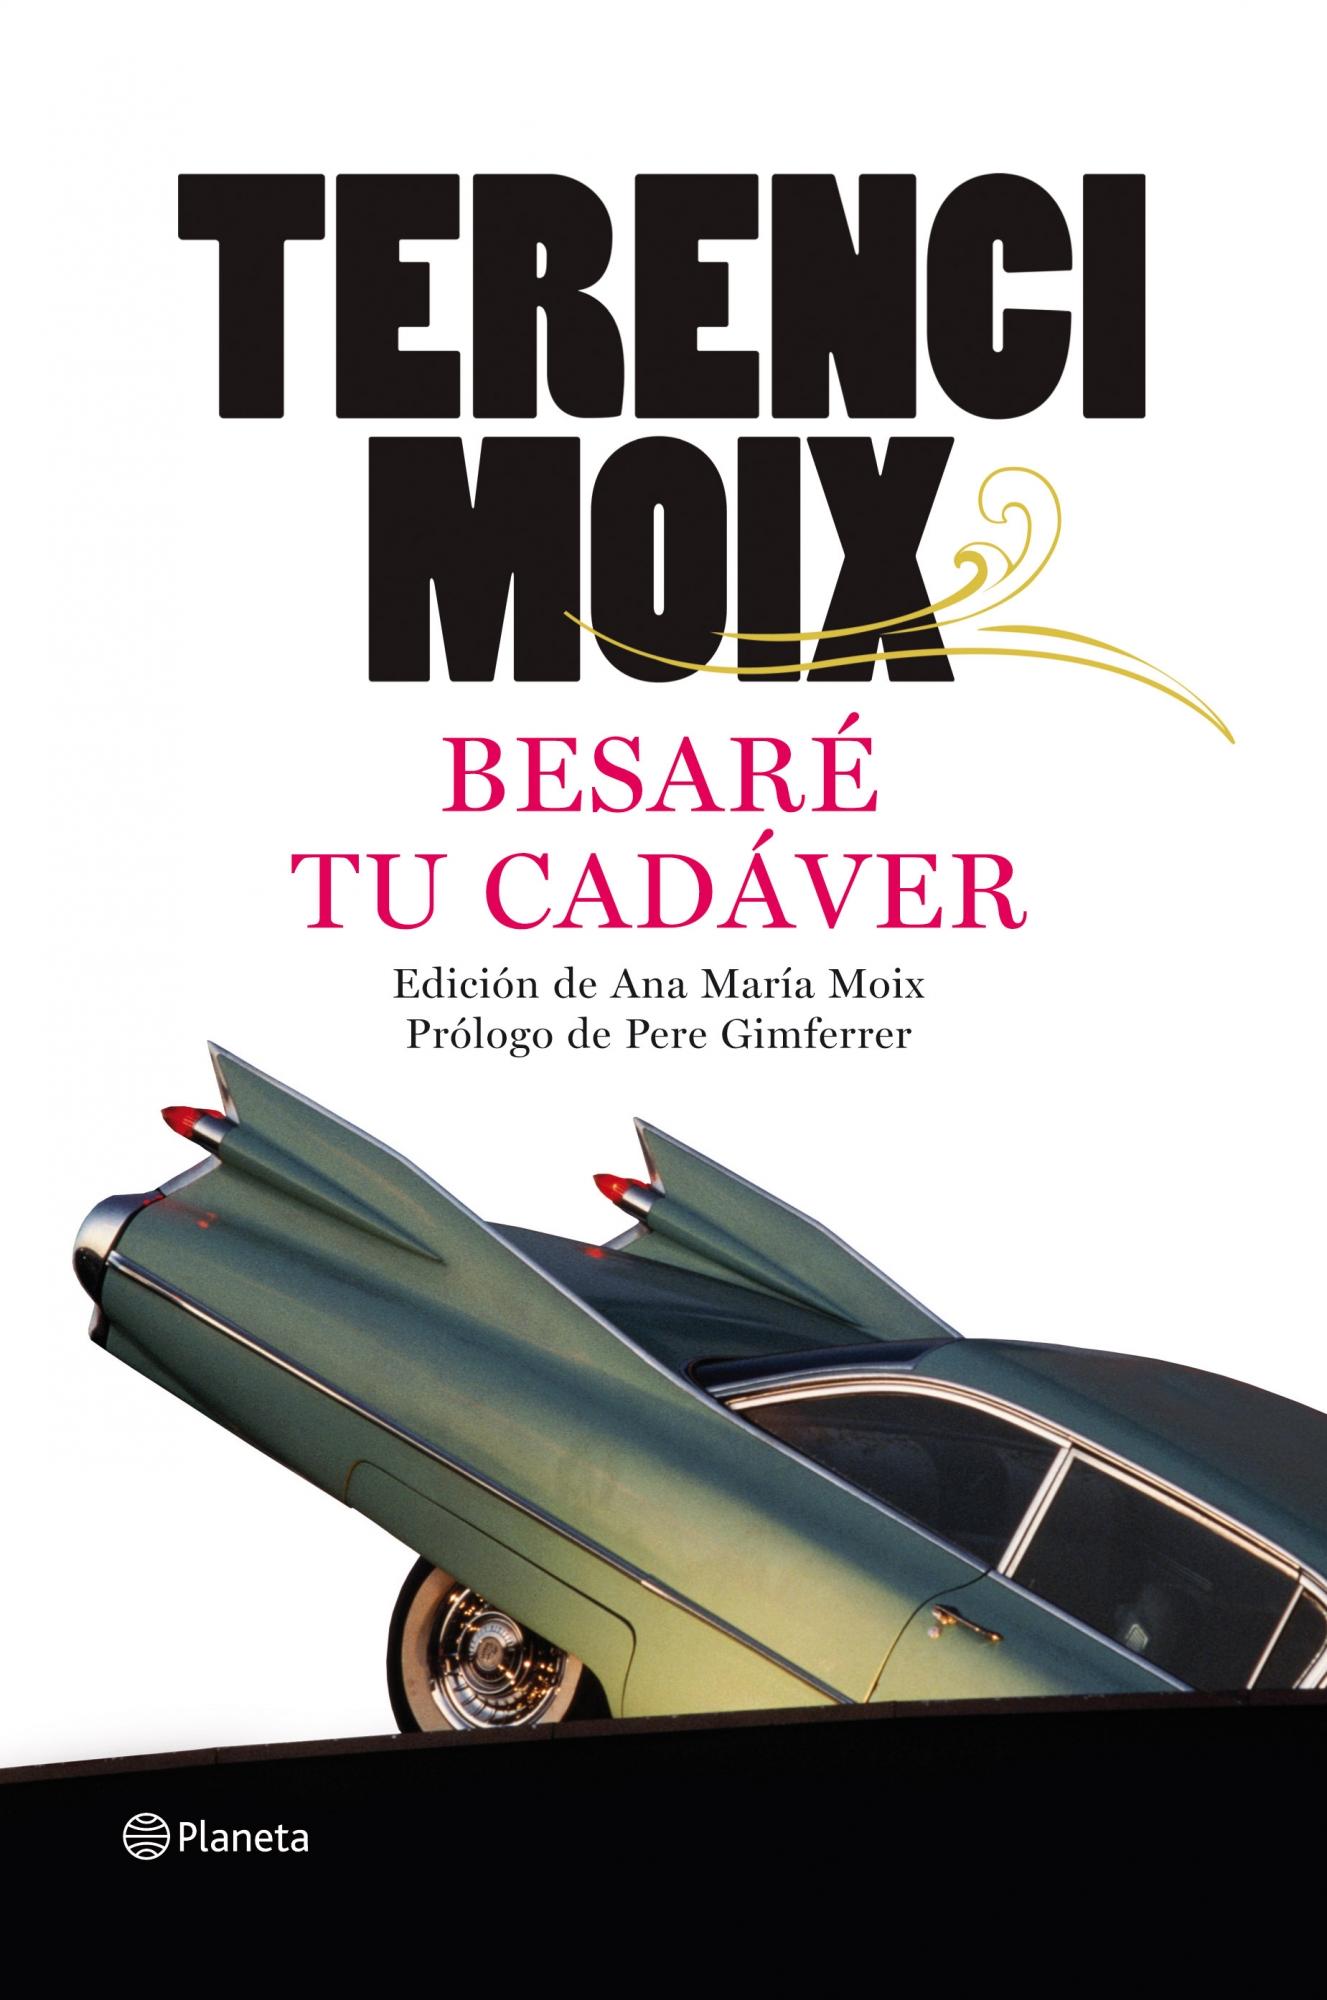 El libro nuestro de cada martes: Besaré tu cadáver de Terenci Moix